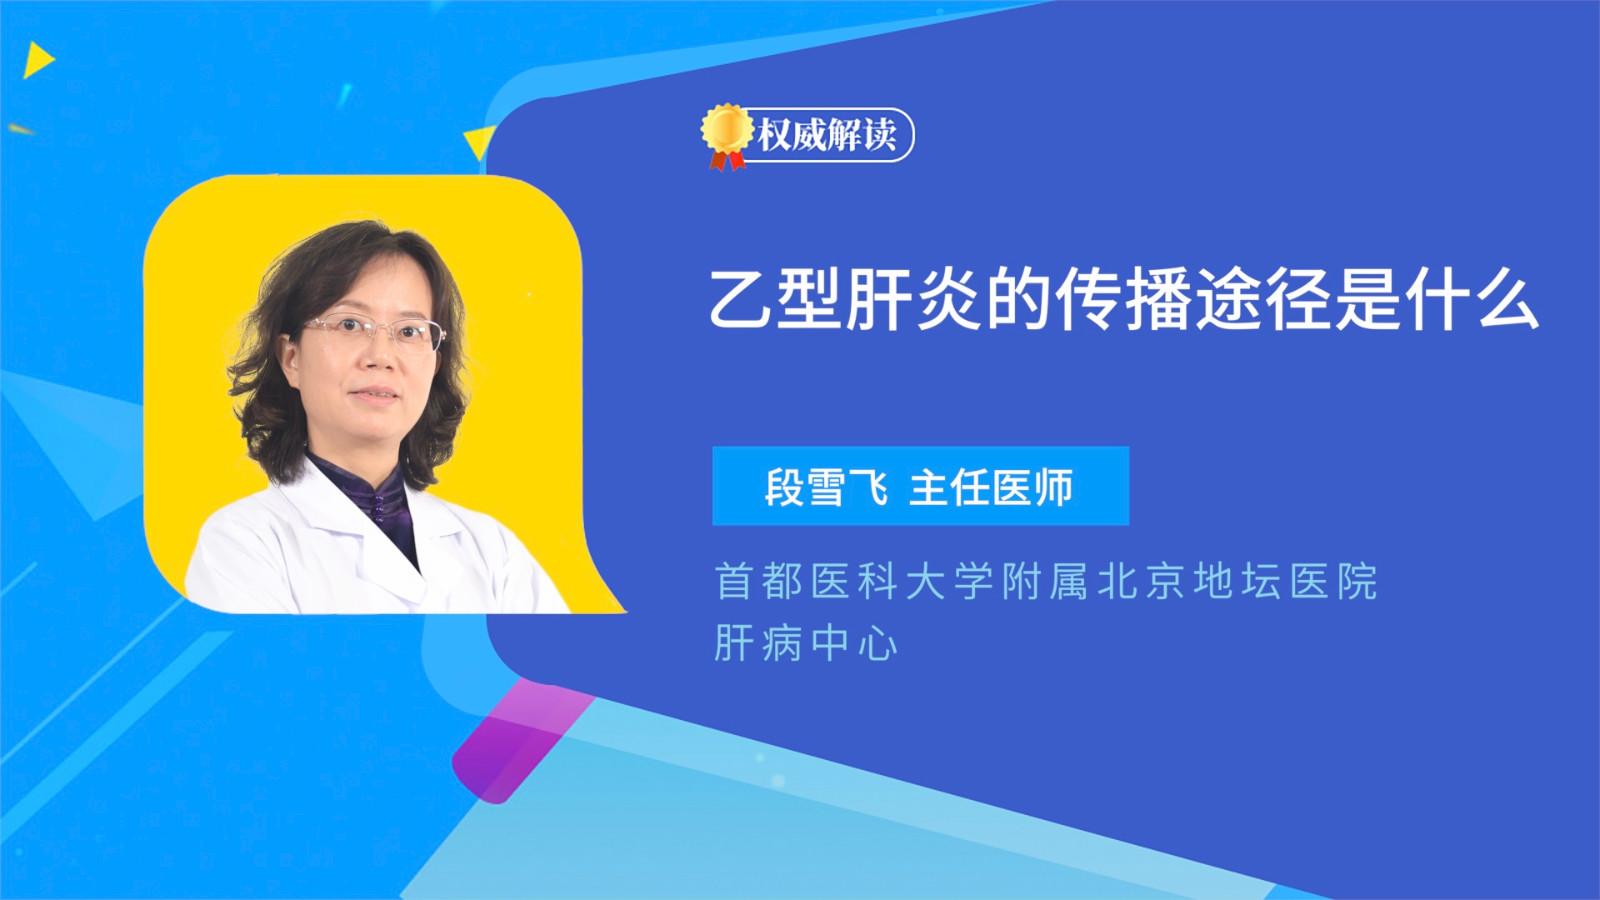 乙型肝炎的传播途径是什么